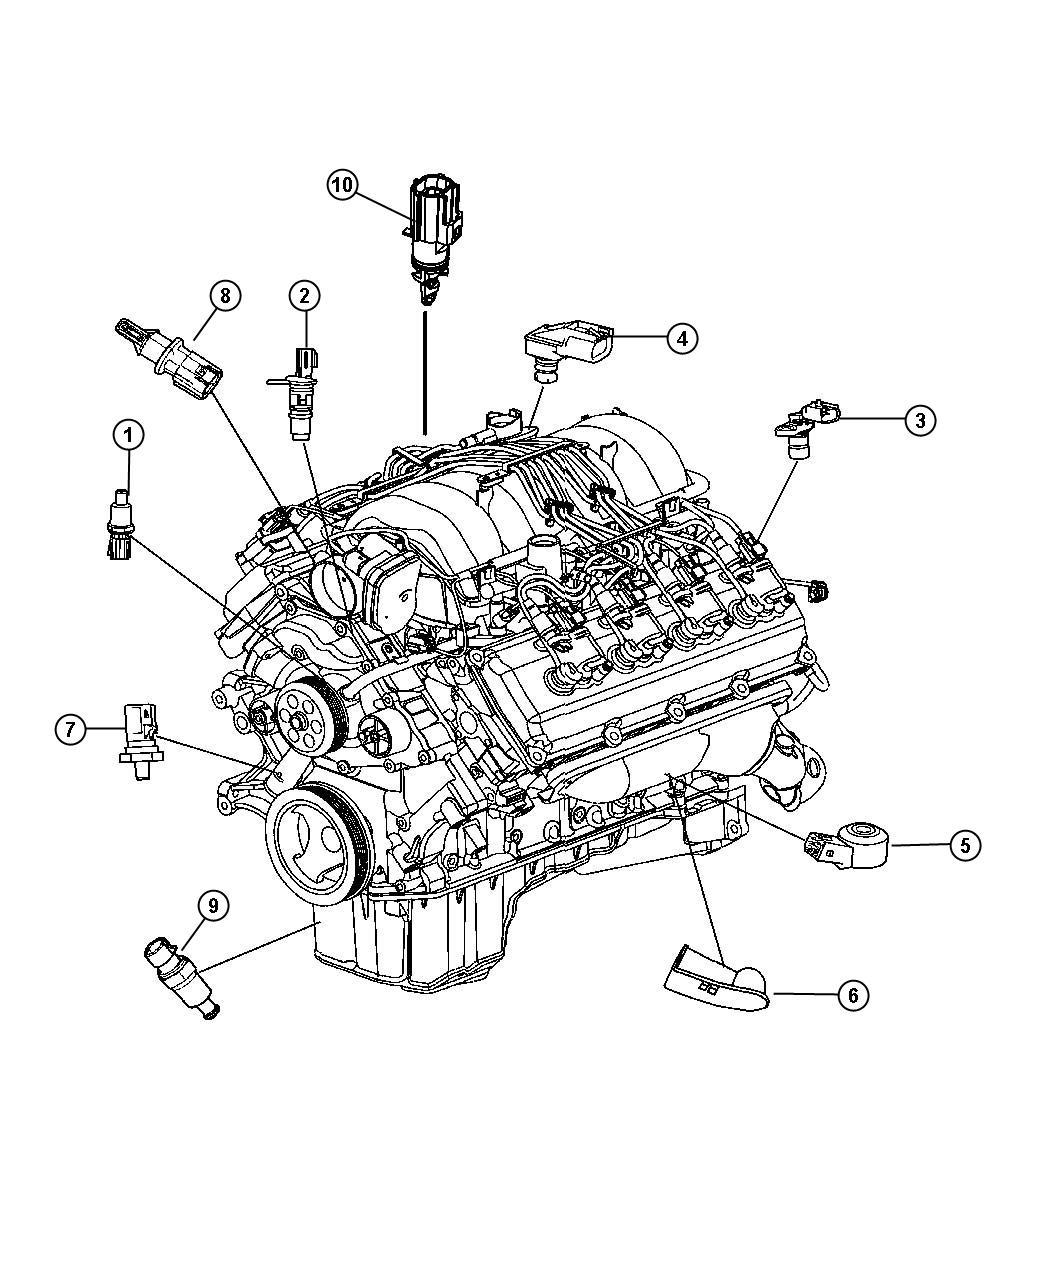 Dodge Charger Sensor  Crankshaft Position  After 04  21  08